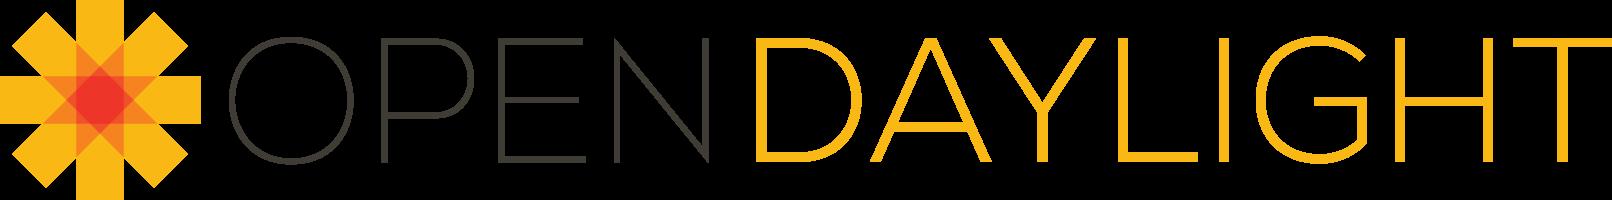 opendaylight-logo.png